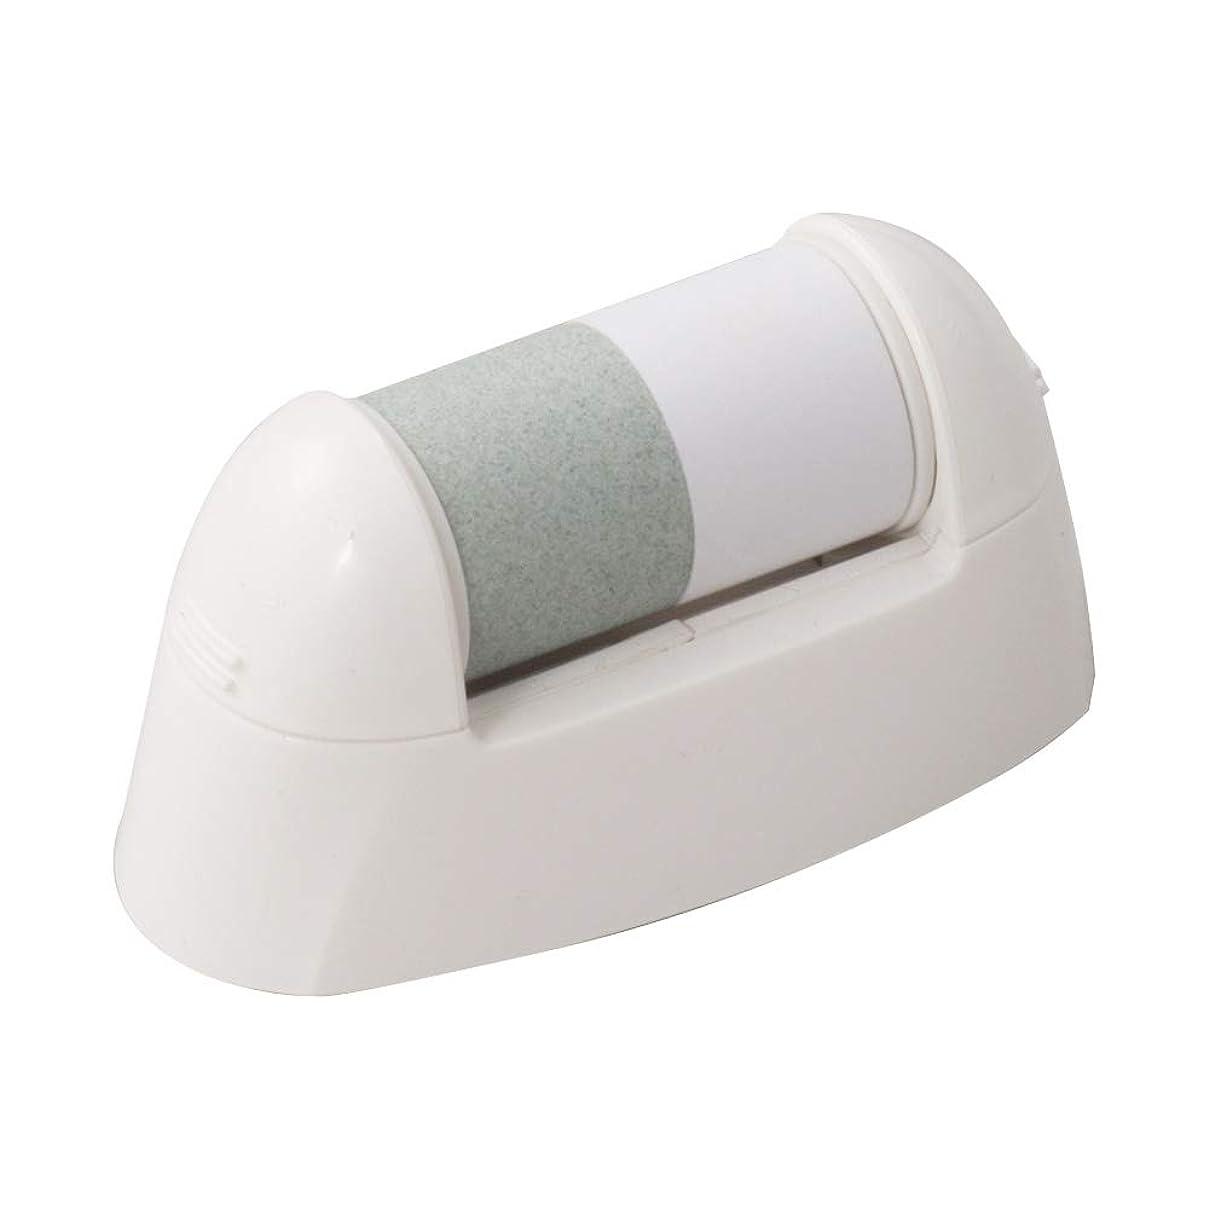 相対的因子シャープマリン商事 電動爪削りLeaf 専用爪磨きローラー土台付き El-190134